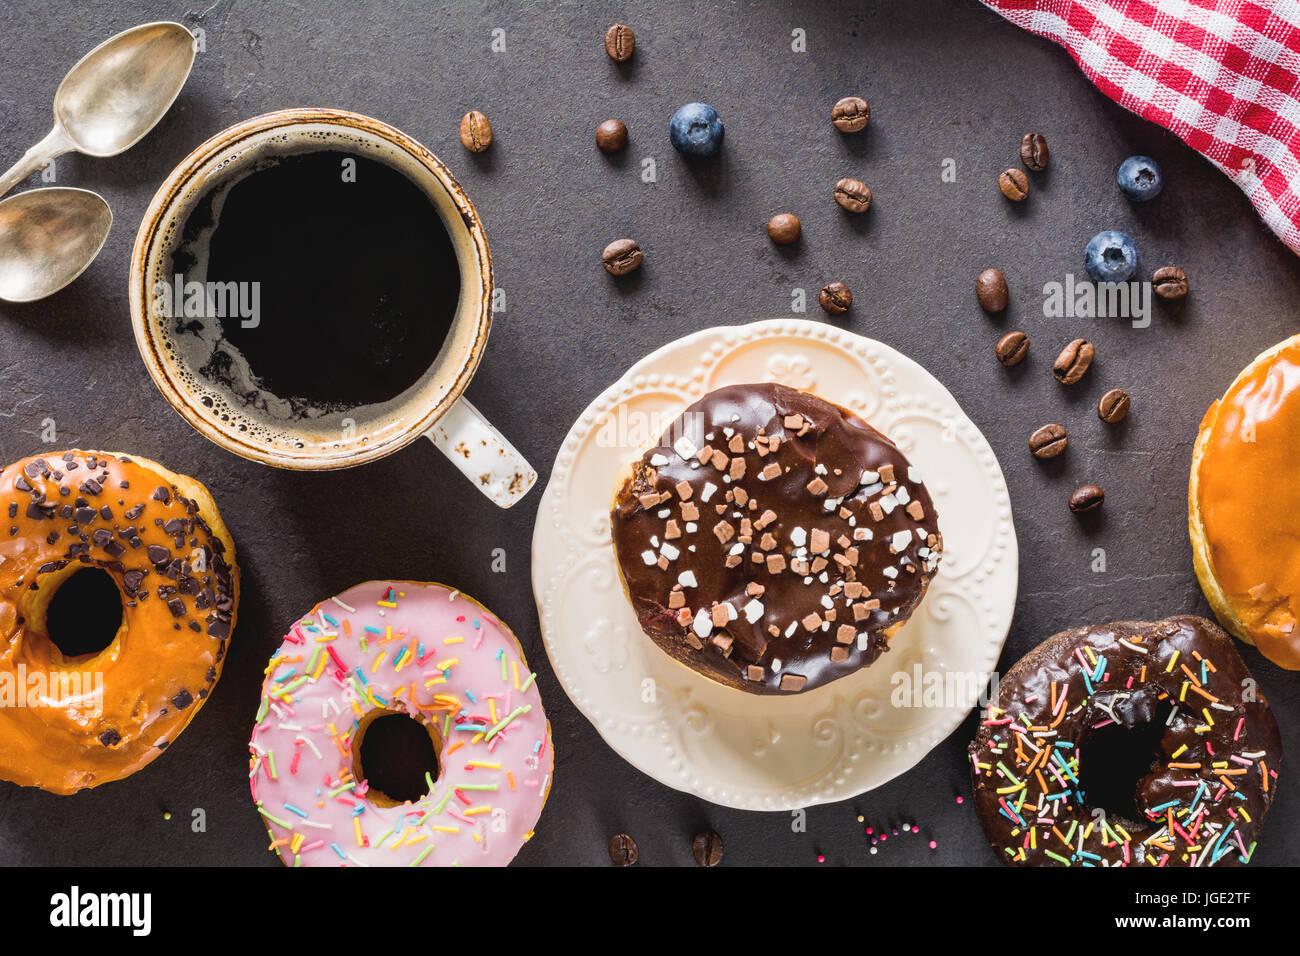 Les beignes glacés et tasse de café espresso noir sur fond de pierre. Vue d'en haut. Mise à plat Photo Stock